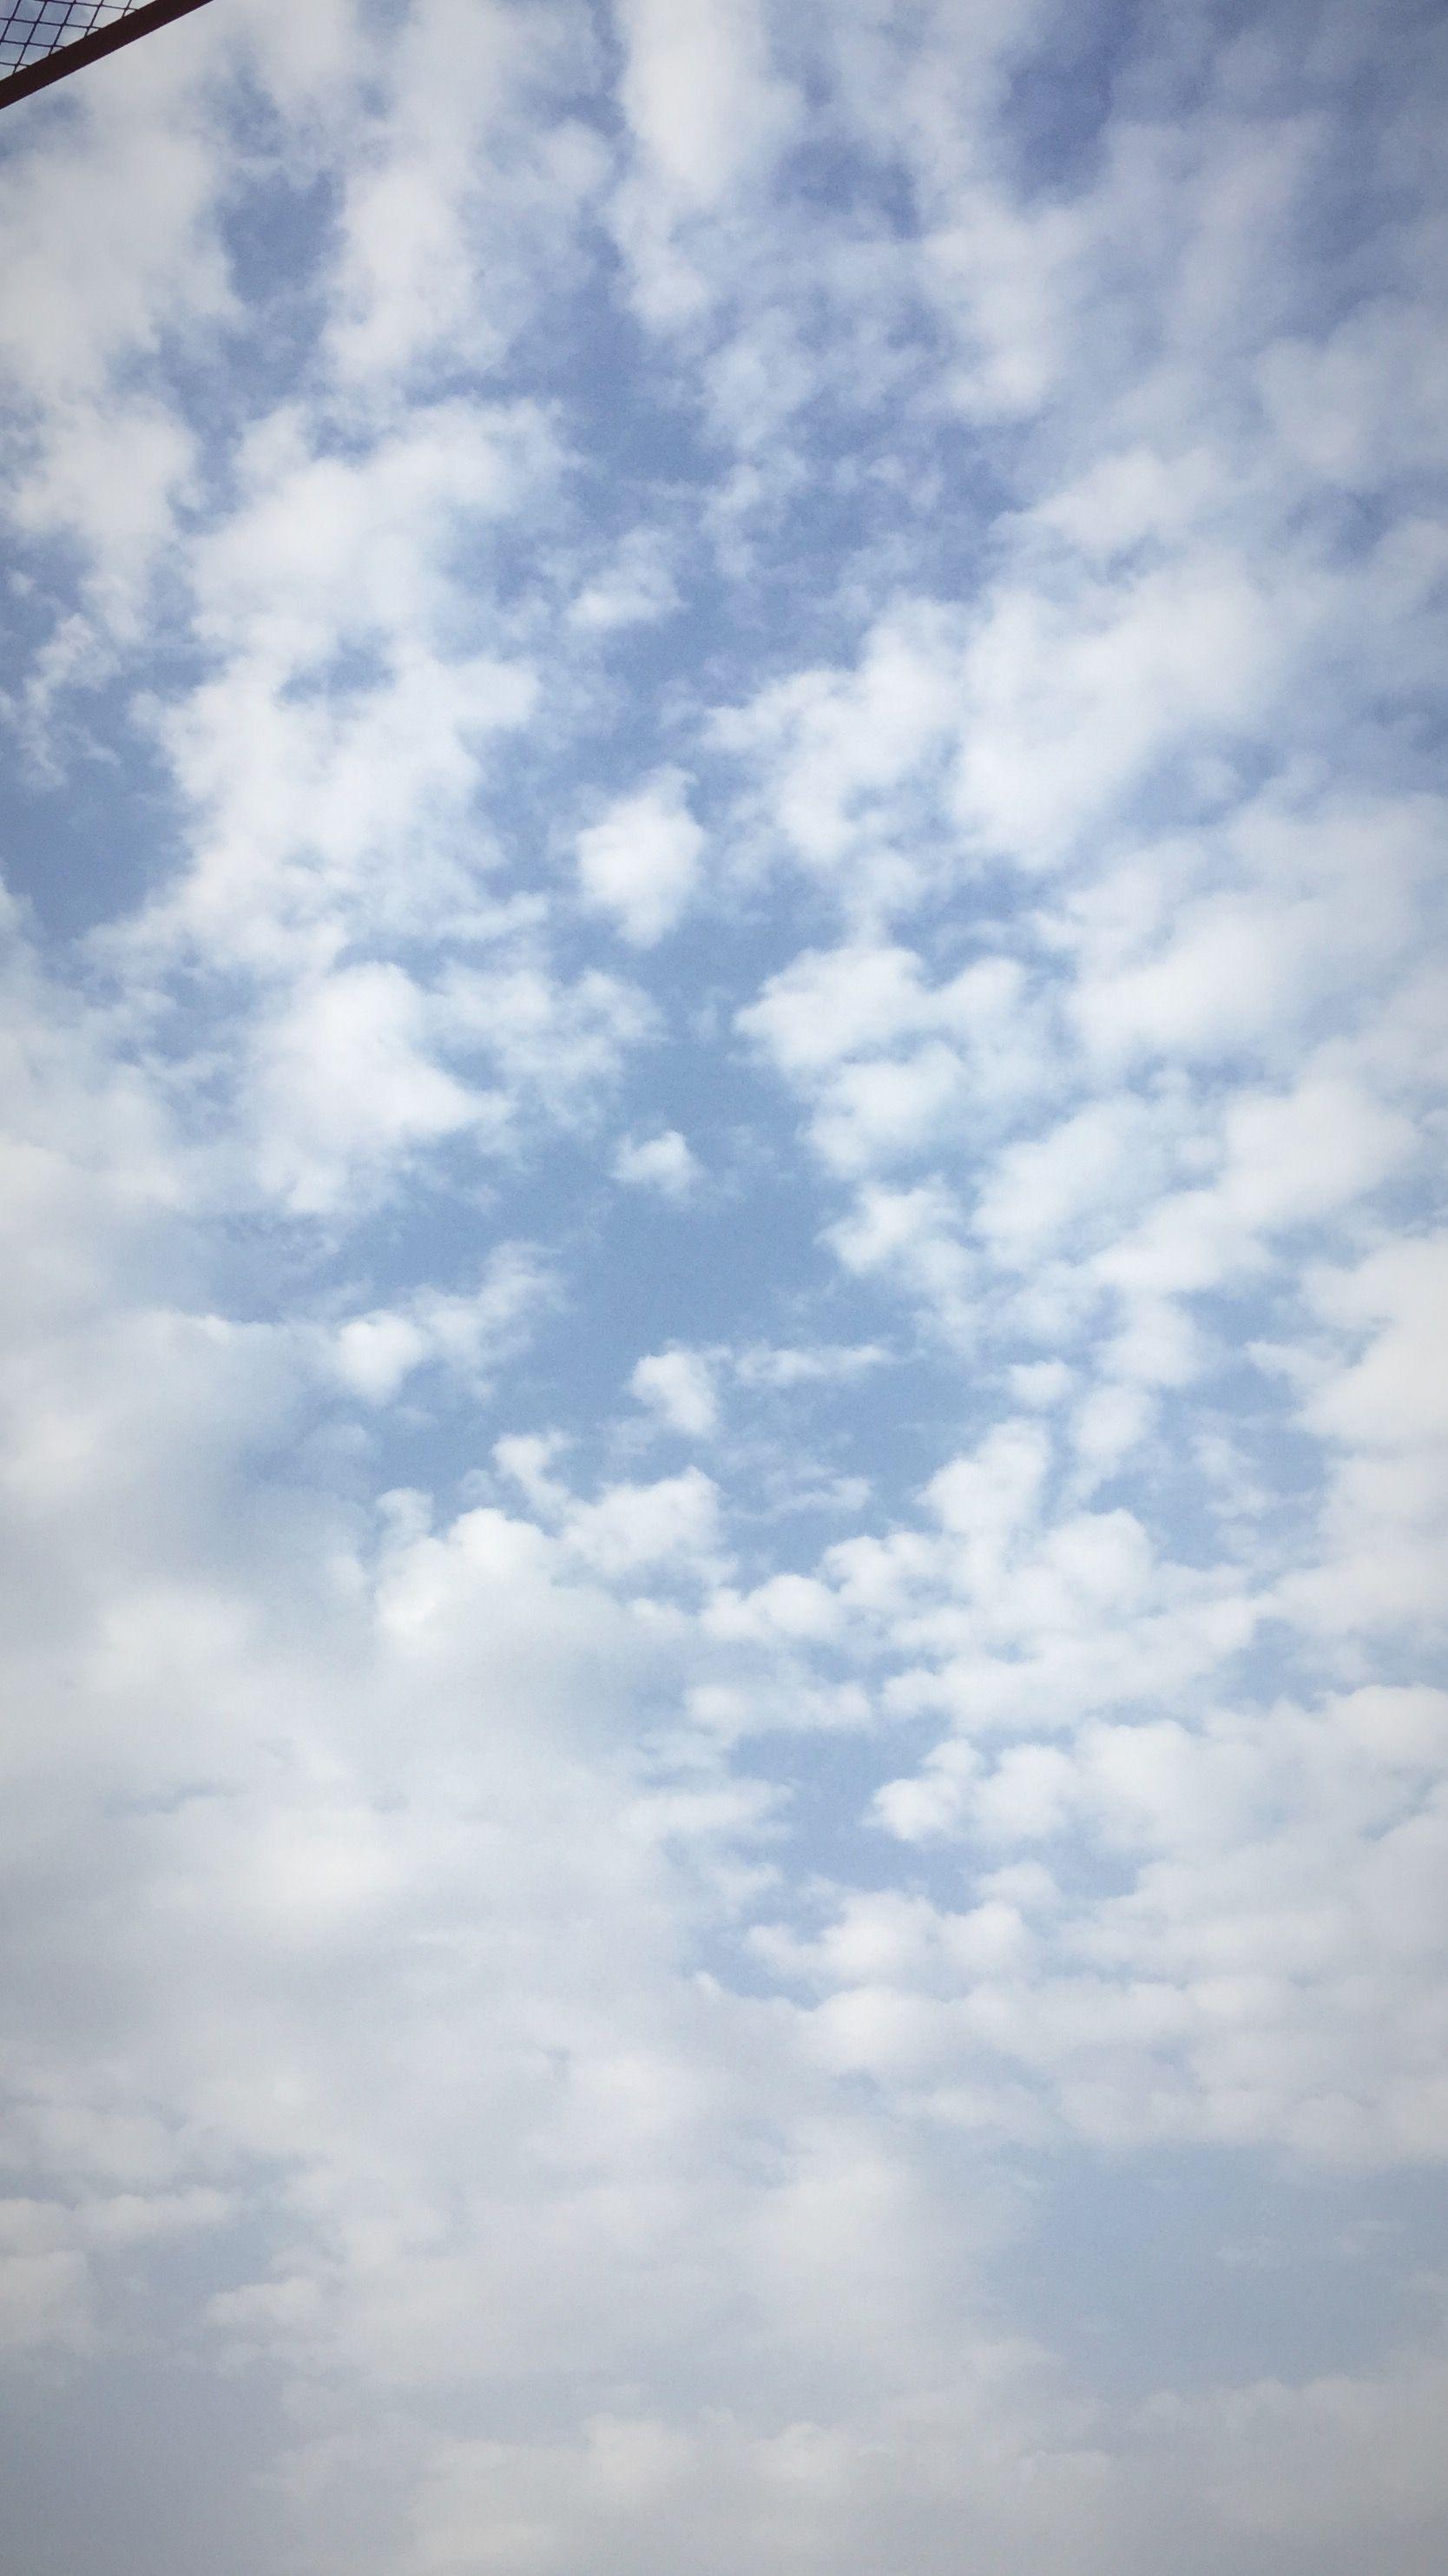 غيوم Iphone Wallpaper Sky Selfie Ideas Instagram Cute Girl Photo